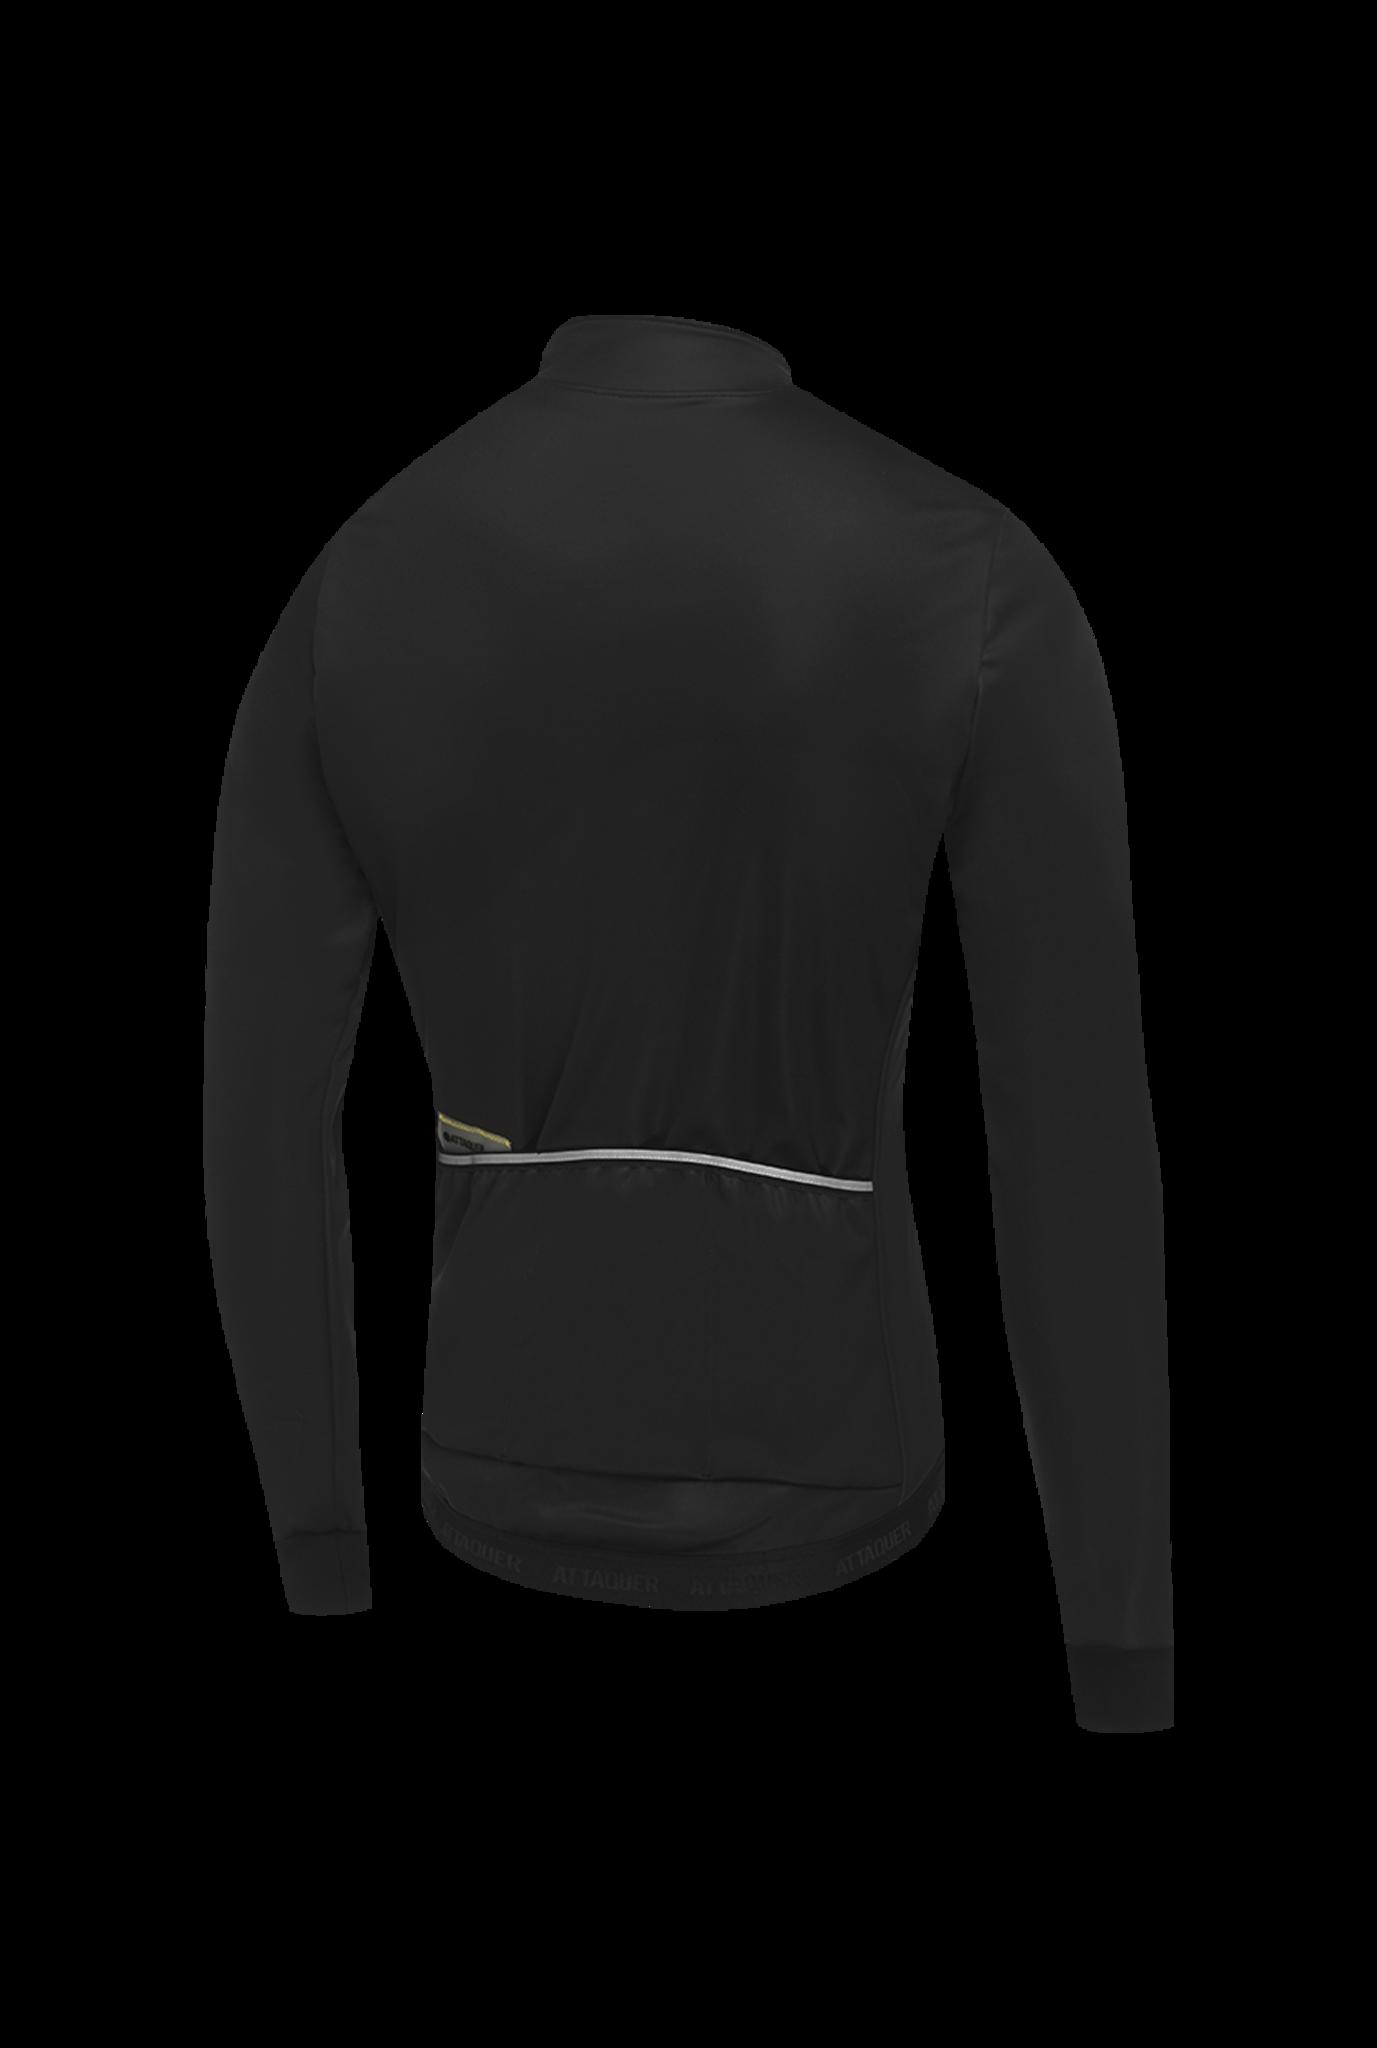 All Day Outliner Jacket Black-2